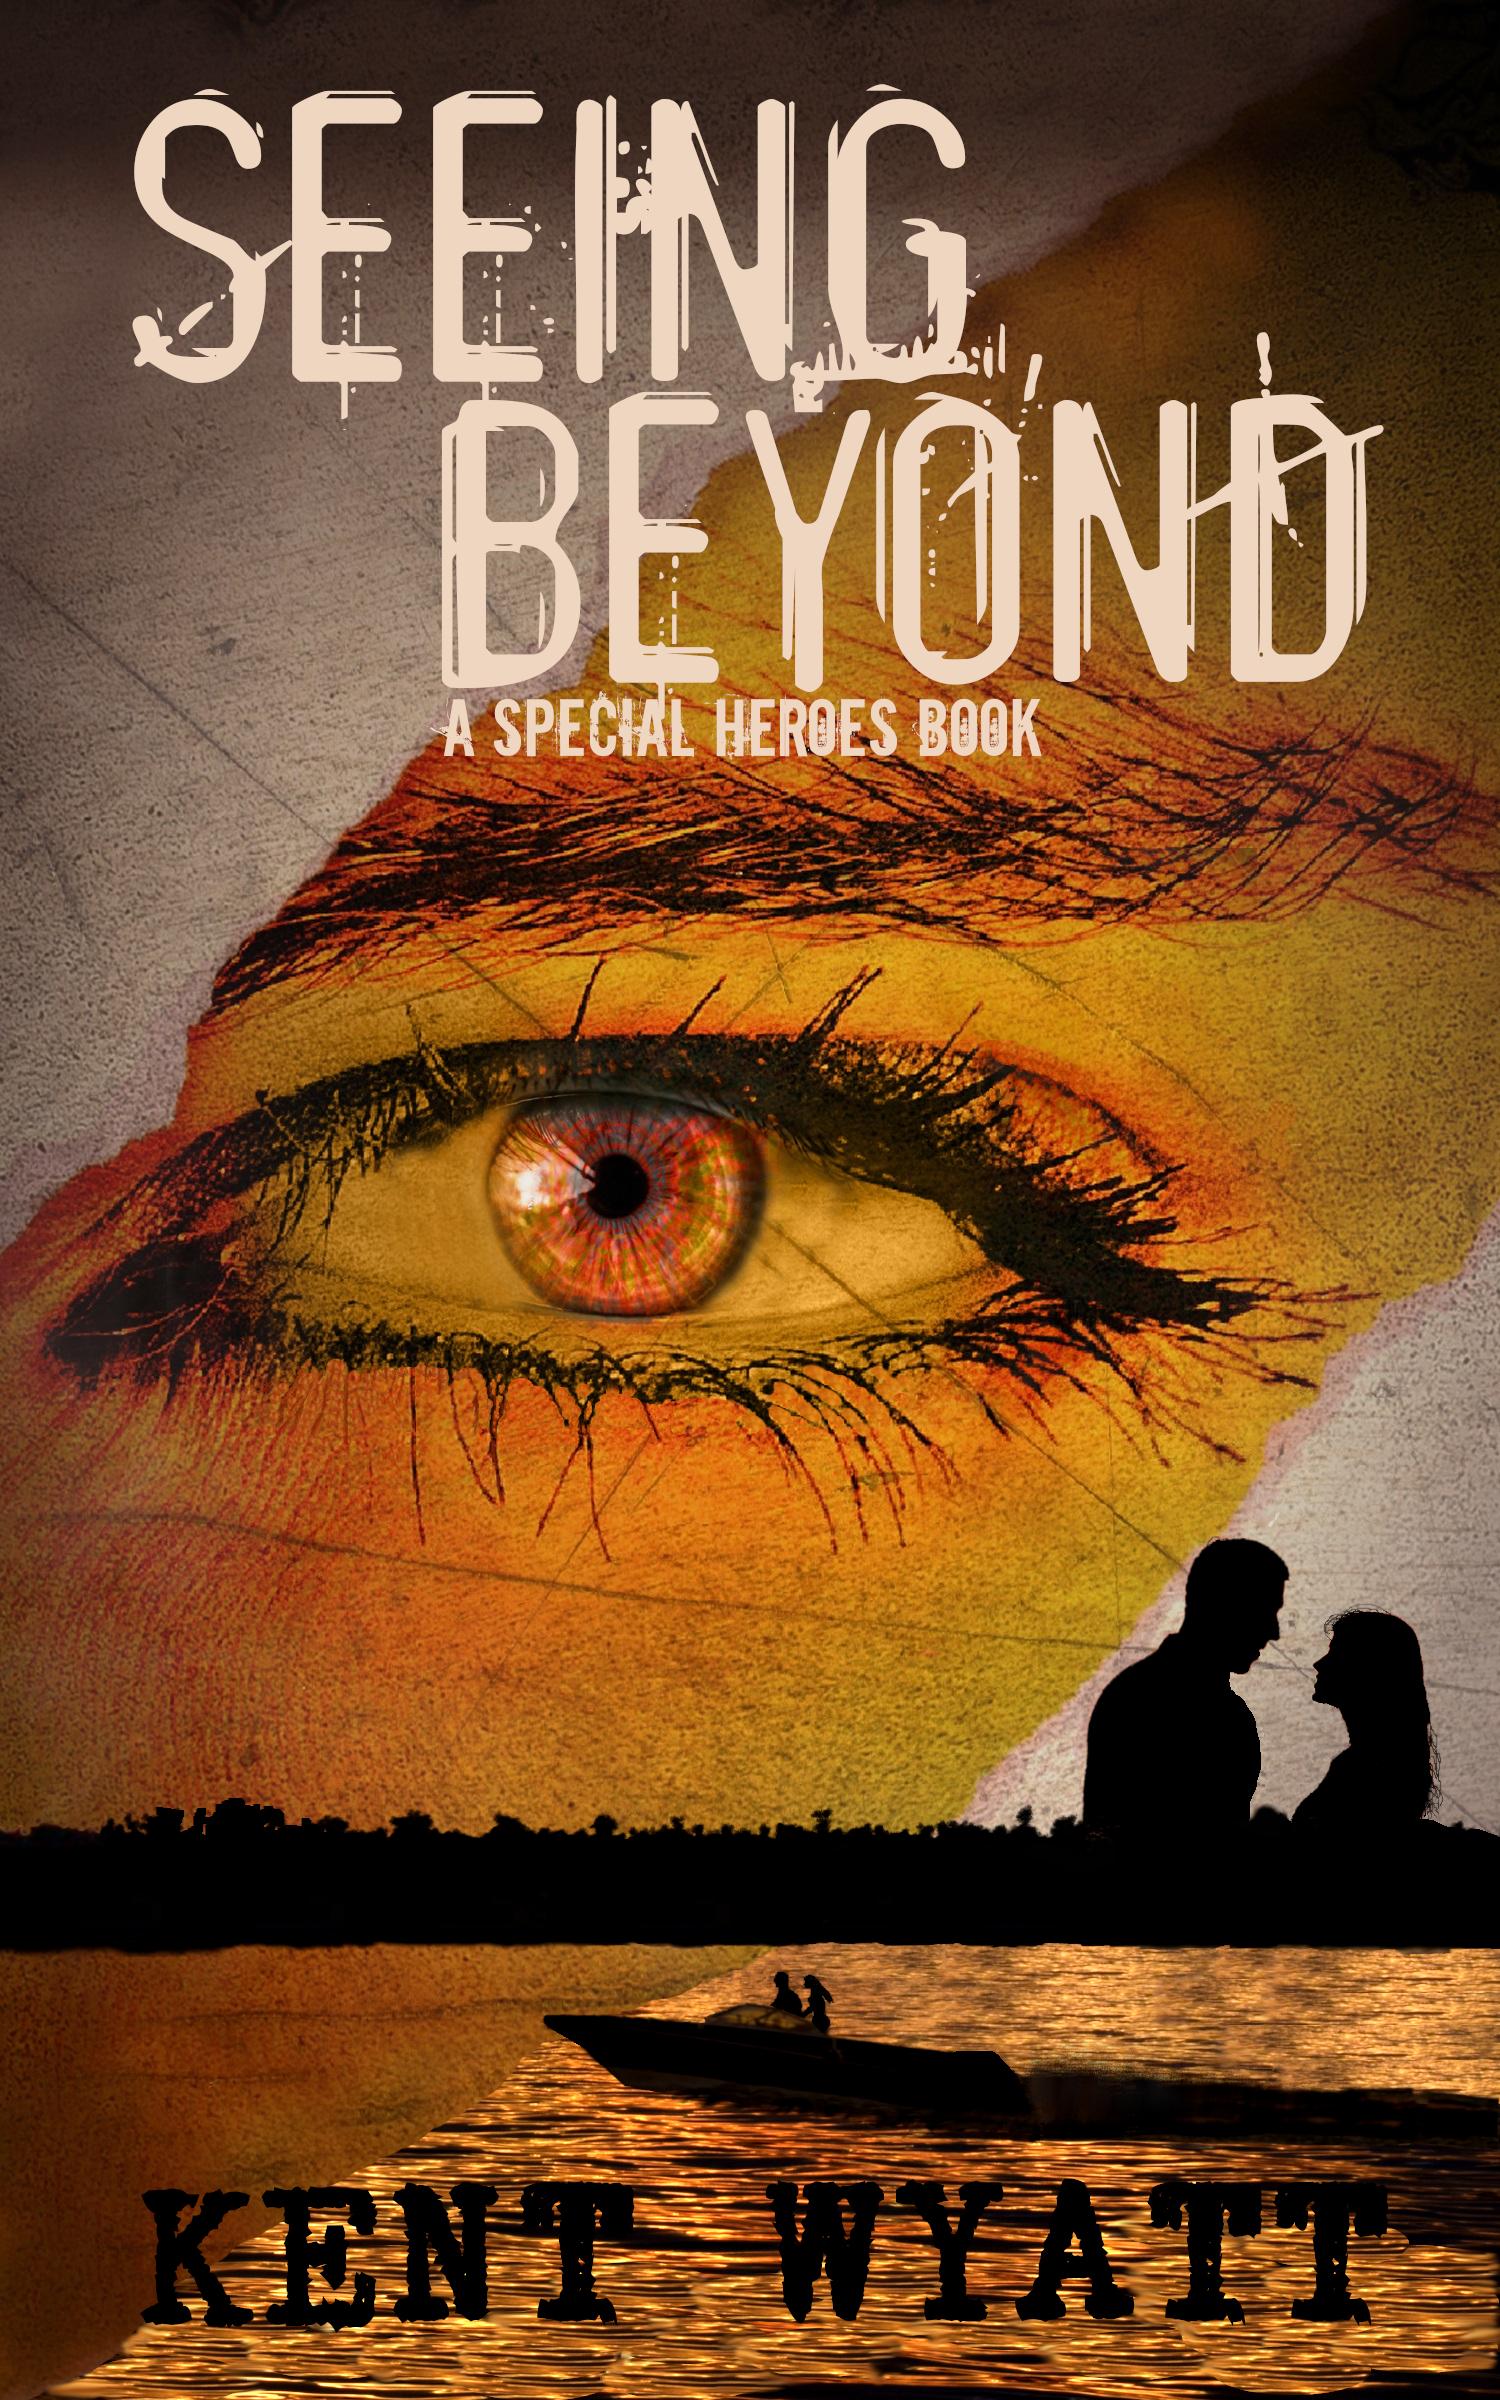 Seeing Beyond cover.jpg